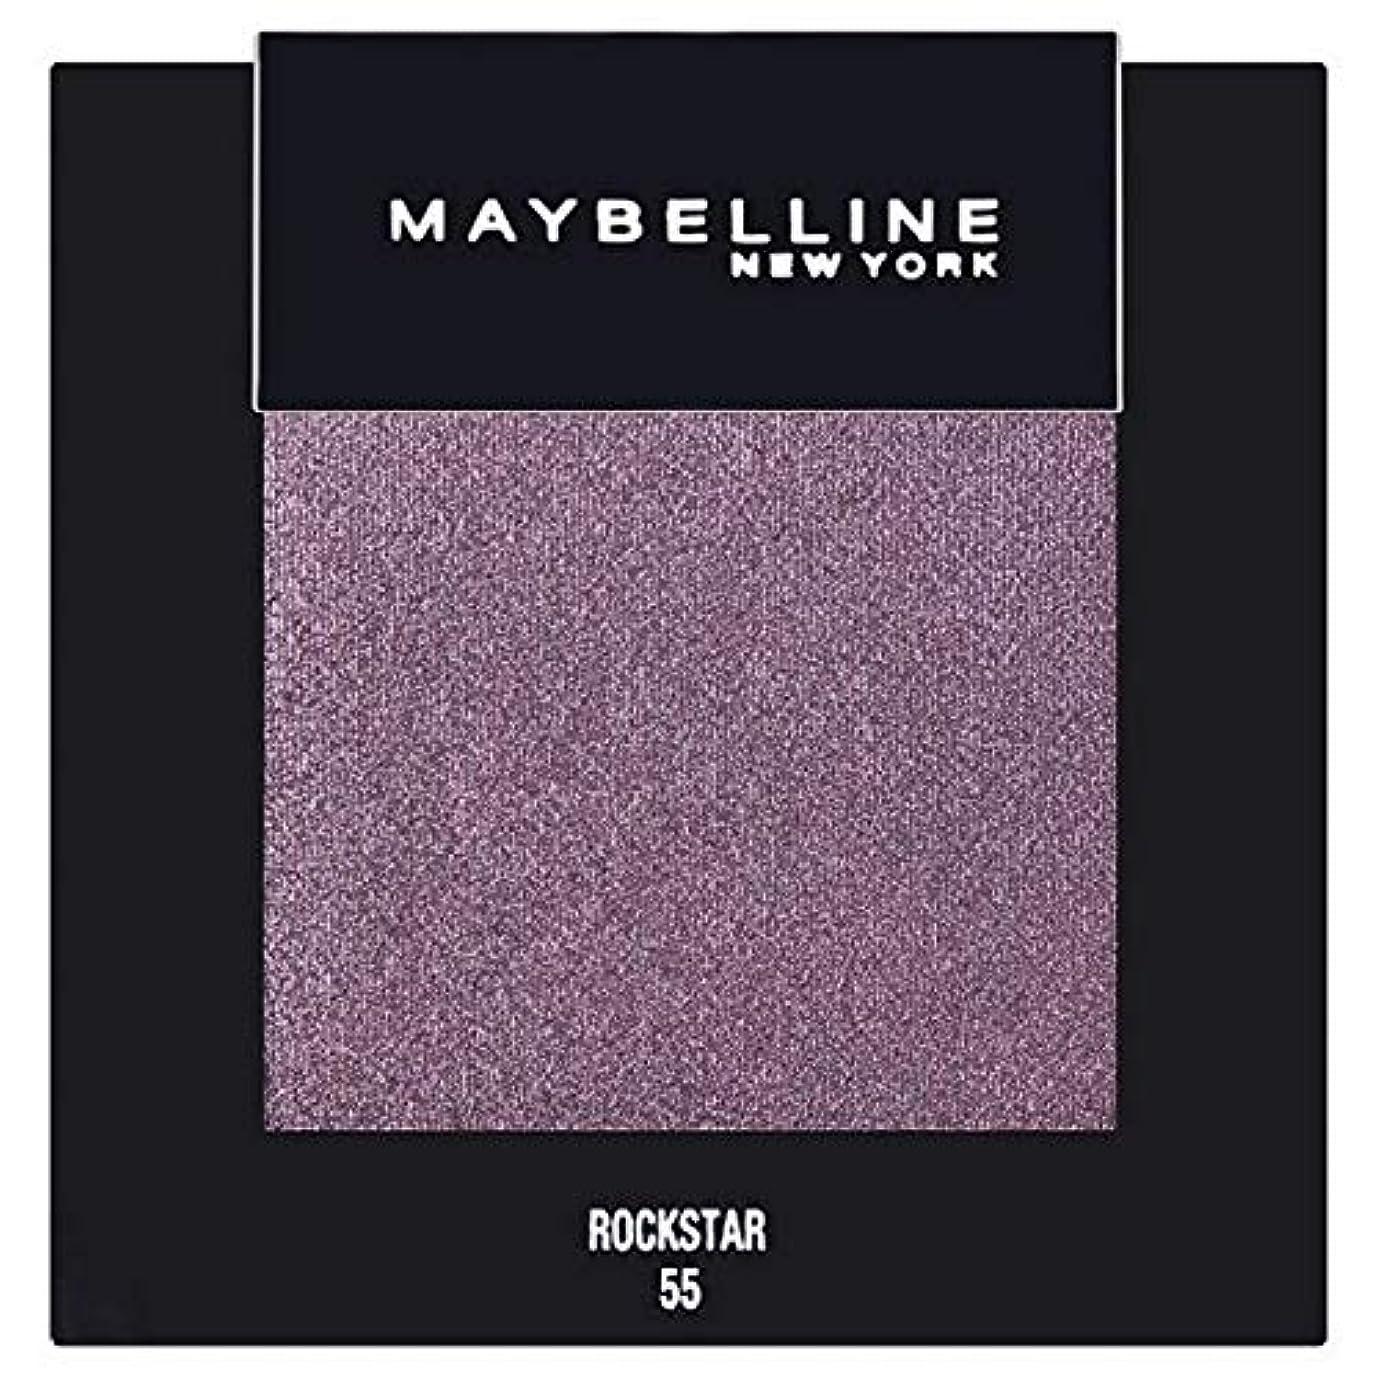 コピー弾薬迷信[Maybelline ] メイベリンカラーショーシングルアイシャドウ55ロックスター - Maybelline Color Show Single Eyeshadow 55 Rockstar [並行輸入品]